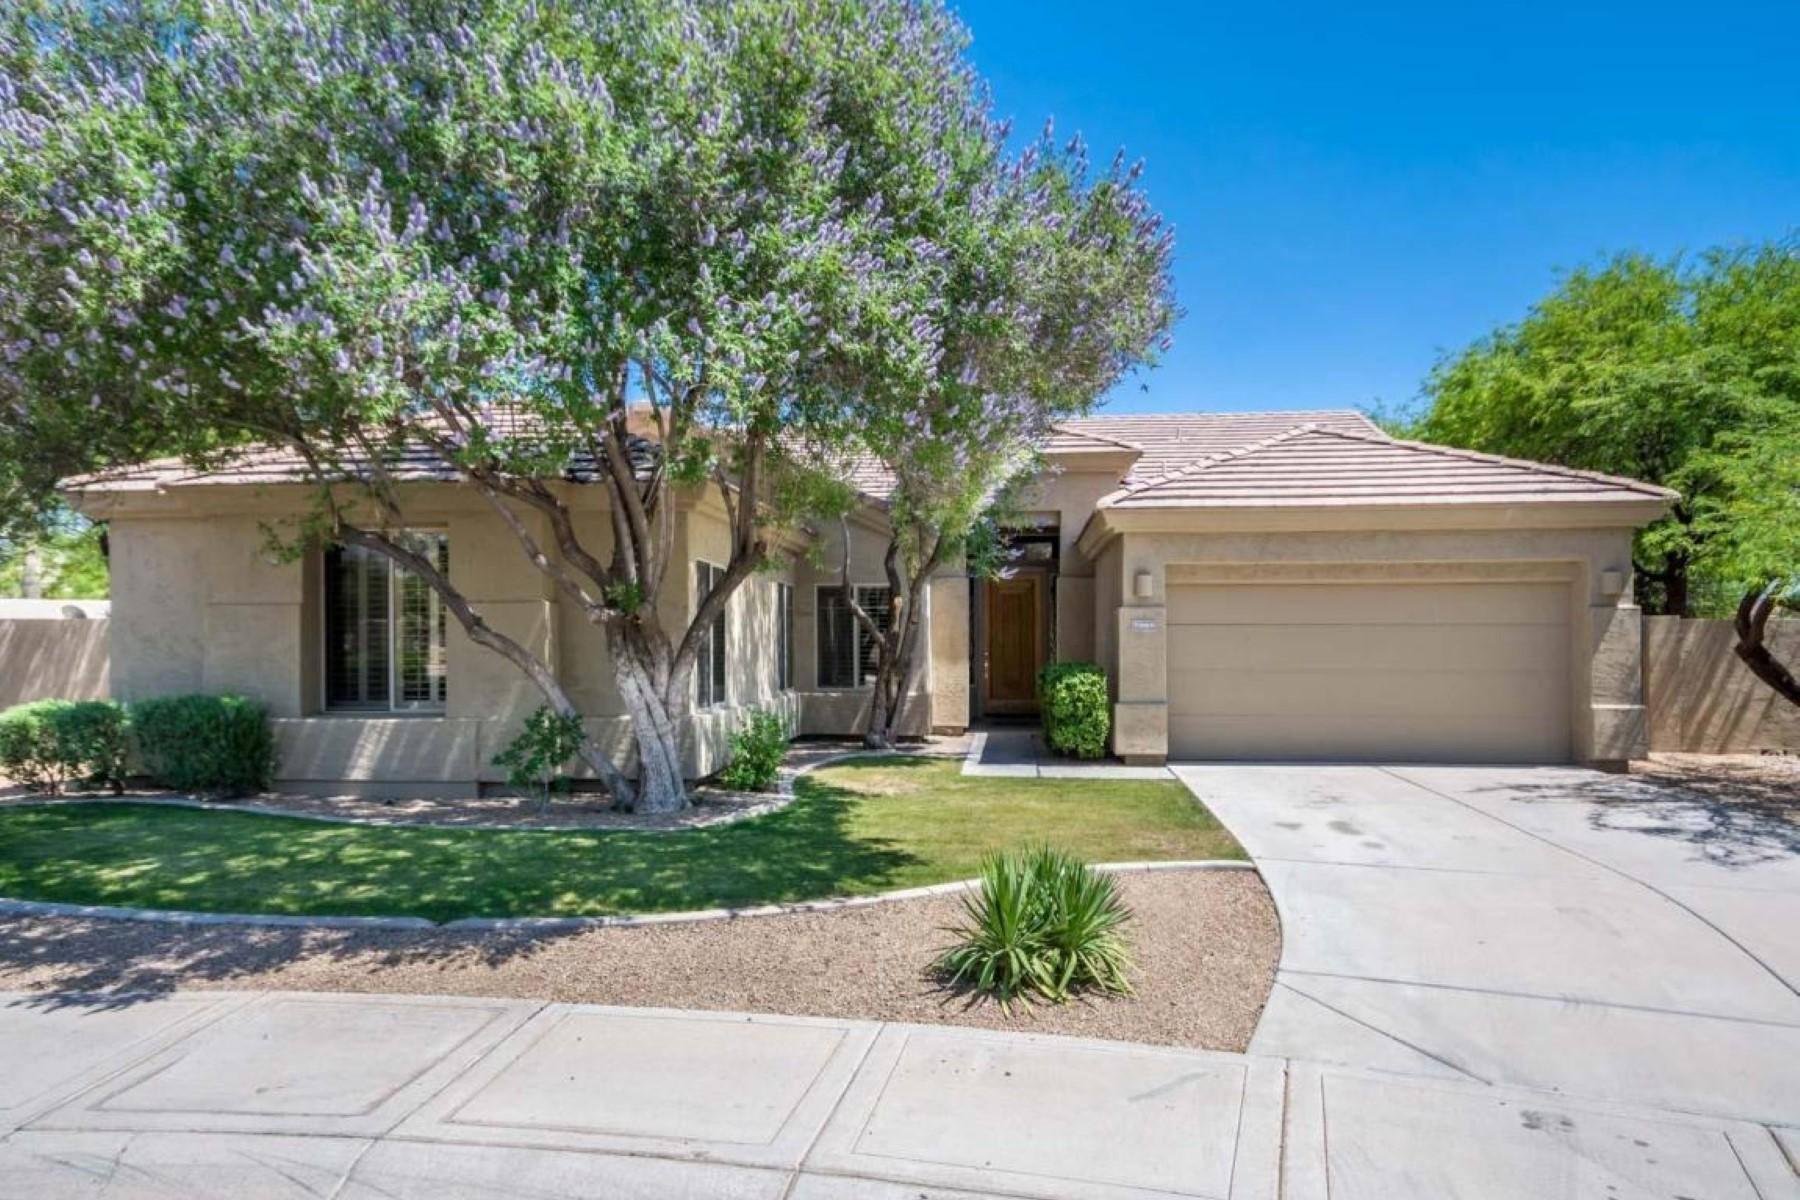 一戸建て のために 売買 アット Fantastic four bedroom Grayhawk home 7353 E Tailfeather Drive Scottsdale, アリゾナ, 85255 アメリカ合衆国